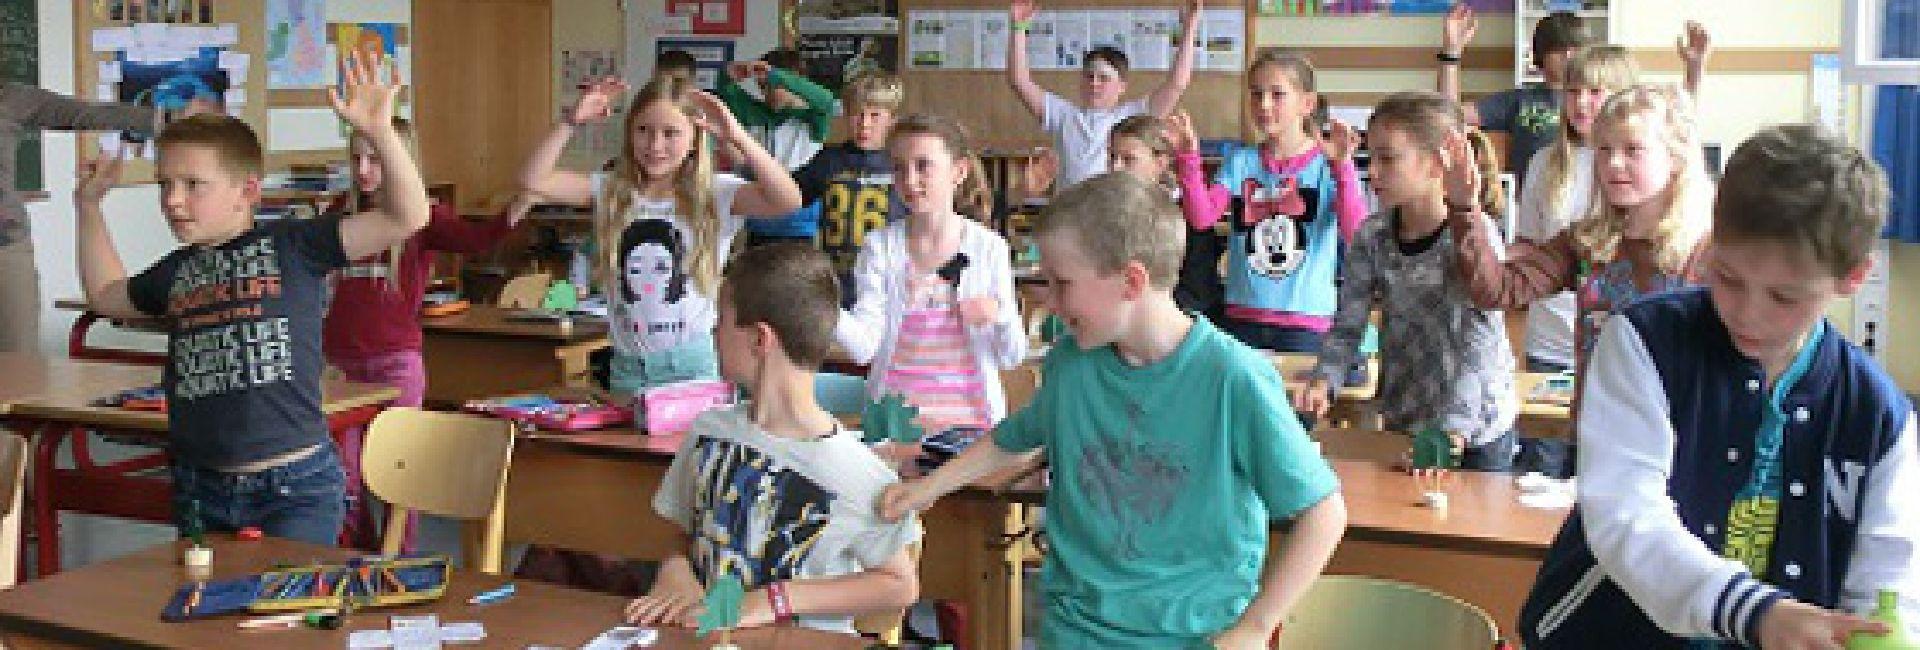 Lernprozess und Verhaltensänderung